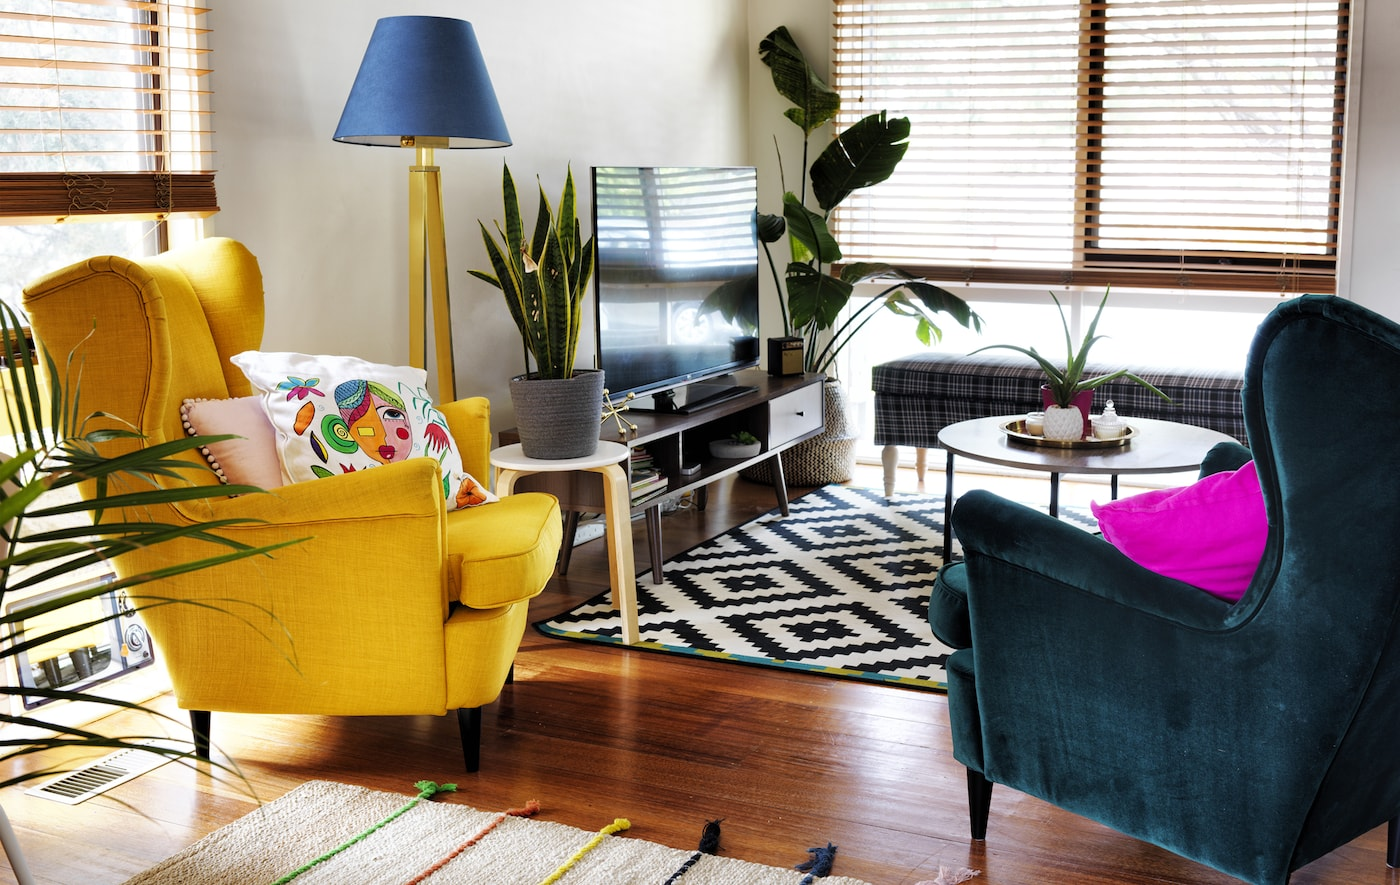 غرفة جلوس بها كرسيان مجنحان باللون الأصفر والأخضر الداكن، وسجادة أسود وأبيض ووحدة تلفزيون.